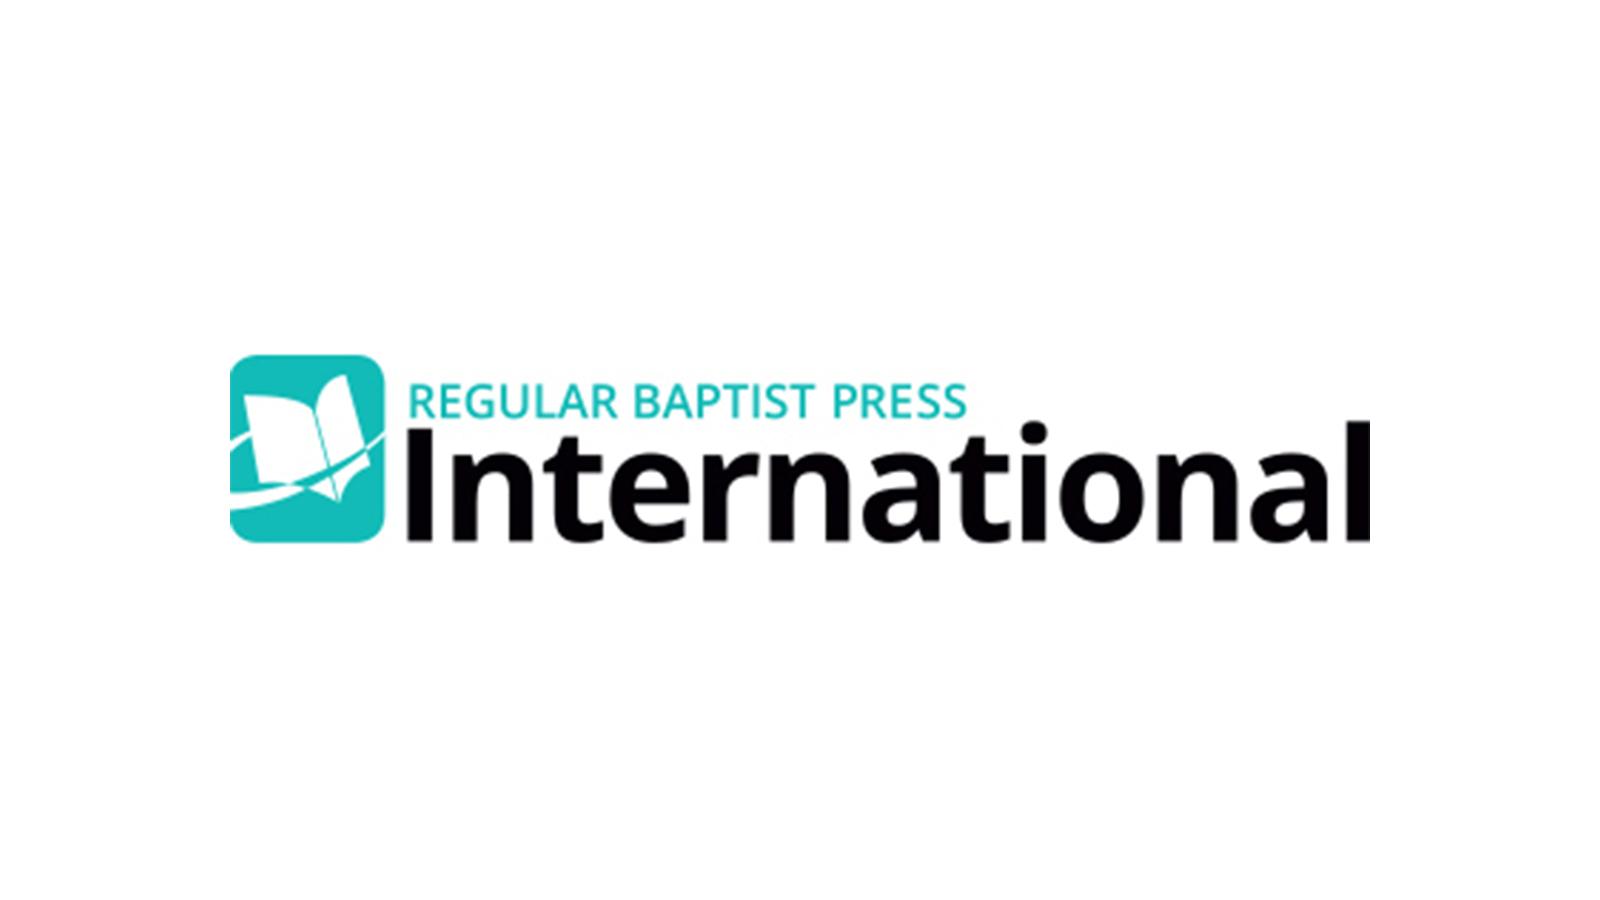 Missionary Regular Baptist Press International